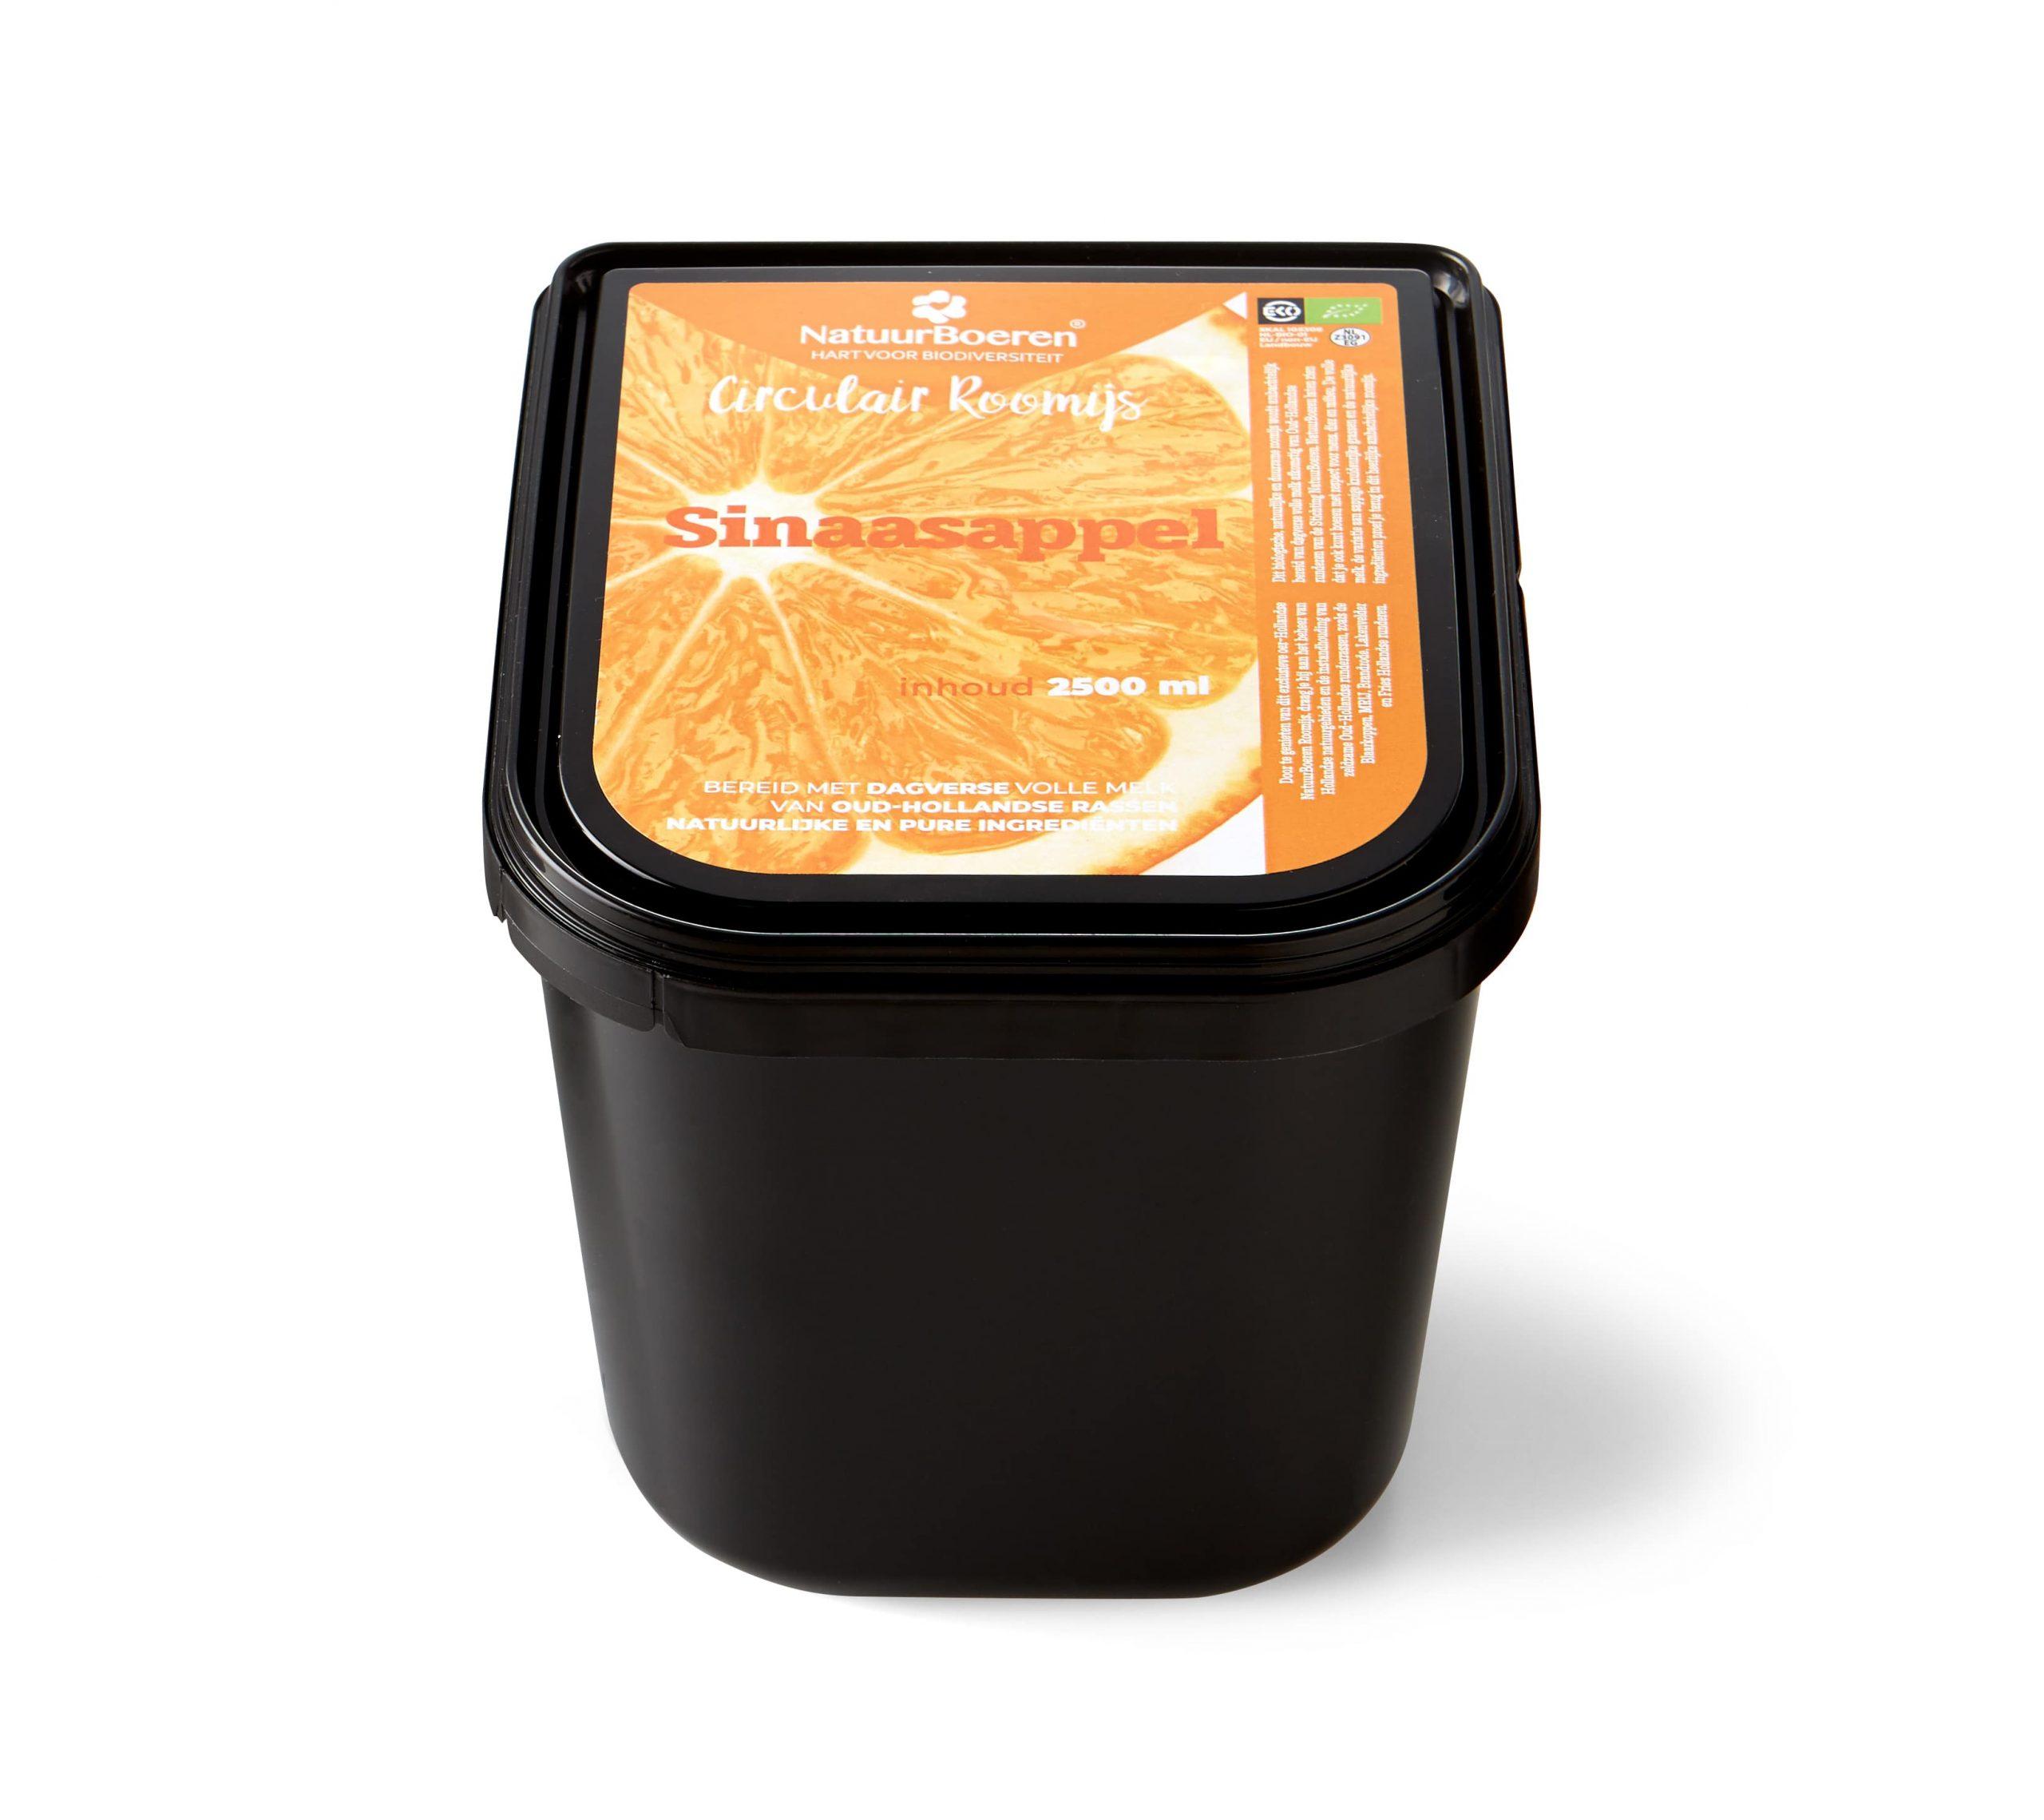 https://natuurboerenijs.nl/wp-content/uploads/2021/01/natuurboeren-circullair-roomijs_sinaasappel_verpakking-min-scaled.jpg